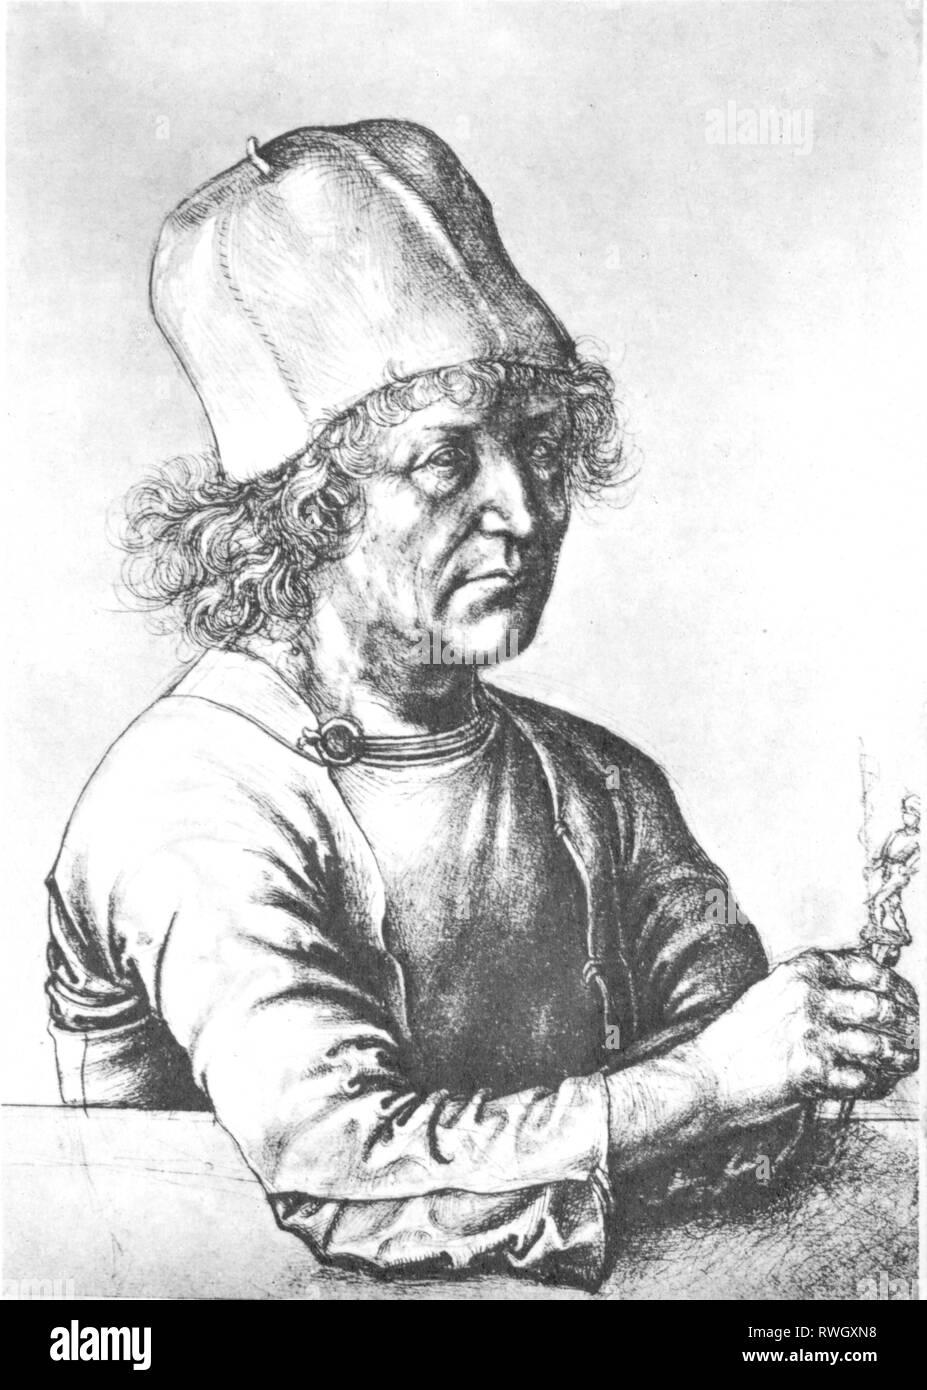 Dürer, Albrecht der Ältere, ca. 1427 - 1502, deutscher Goldschmied, halbe Länge, Zeichnung von Albrecht Dürer der Jüngere, 1490, Artist's Urheberrecht nicht geklärt zu werden. Stockbild